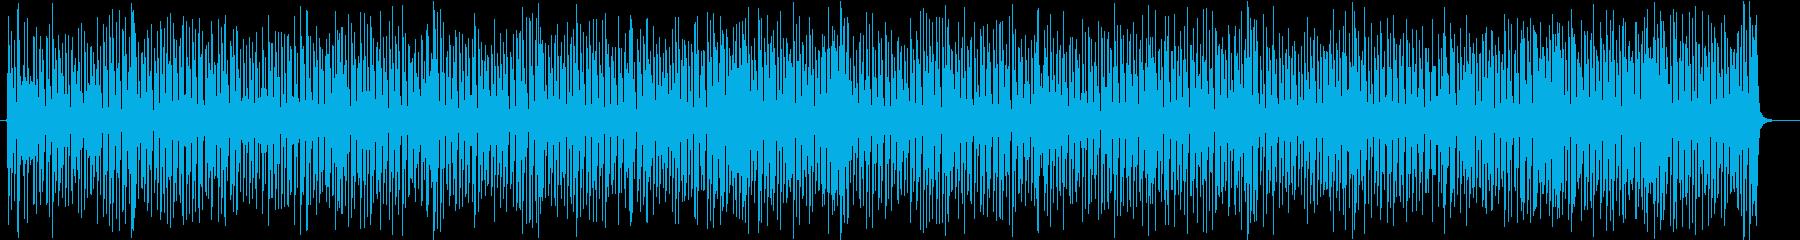 チェイスシーンのジプシージャズ※伴奏版の再生済みの波形